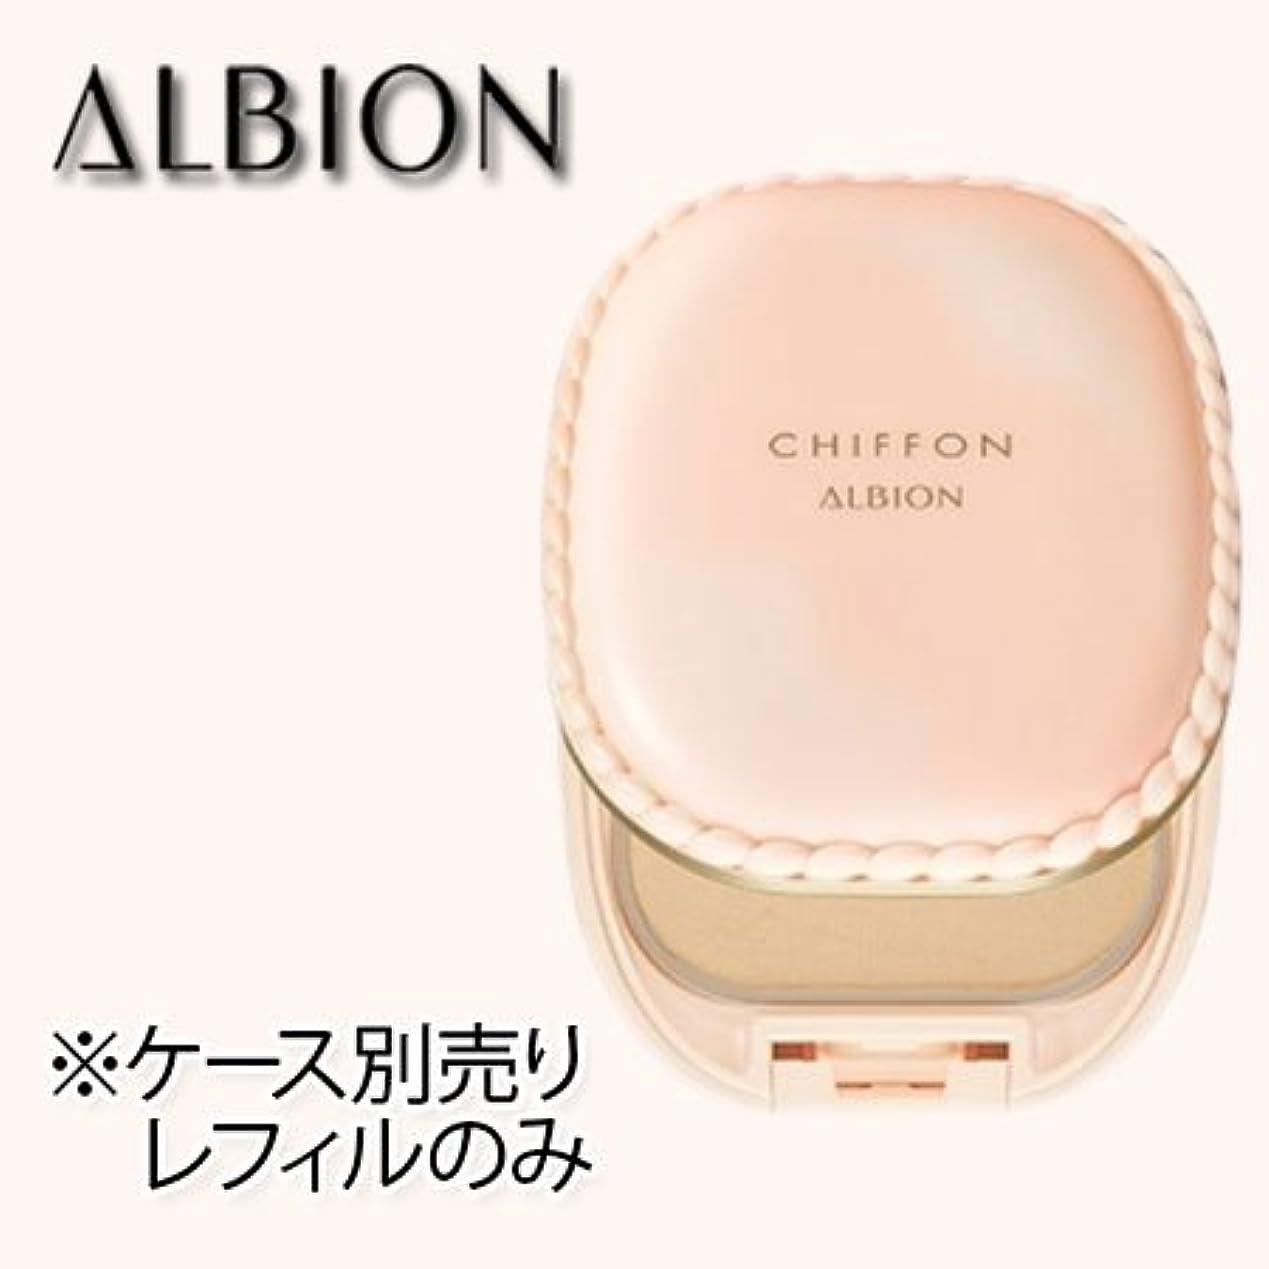 いろいろジャンプアルビオン スウィート モイスチュア シフォン (レフィル) 10g 6色 SPF22 PA++-ALBION- 030